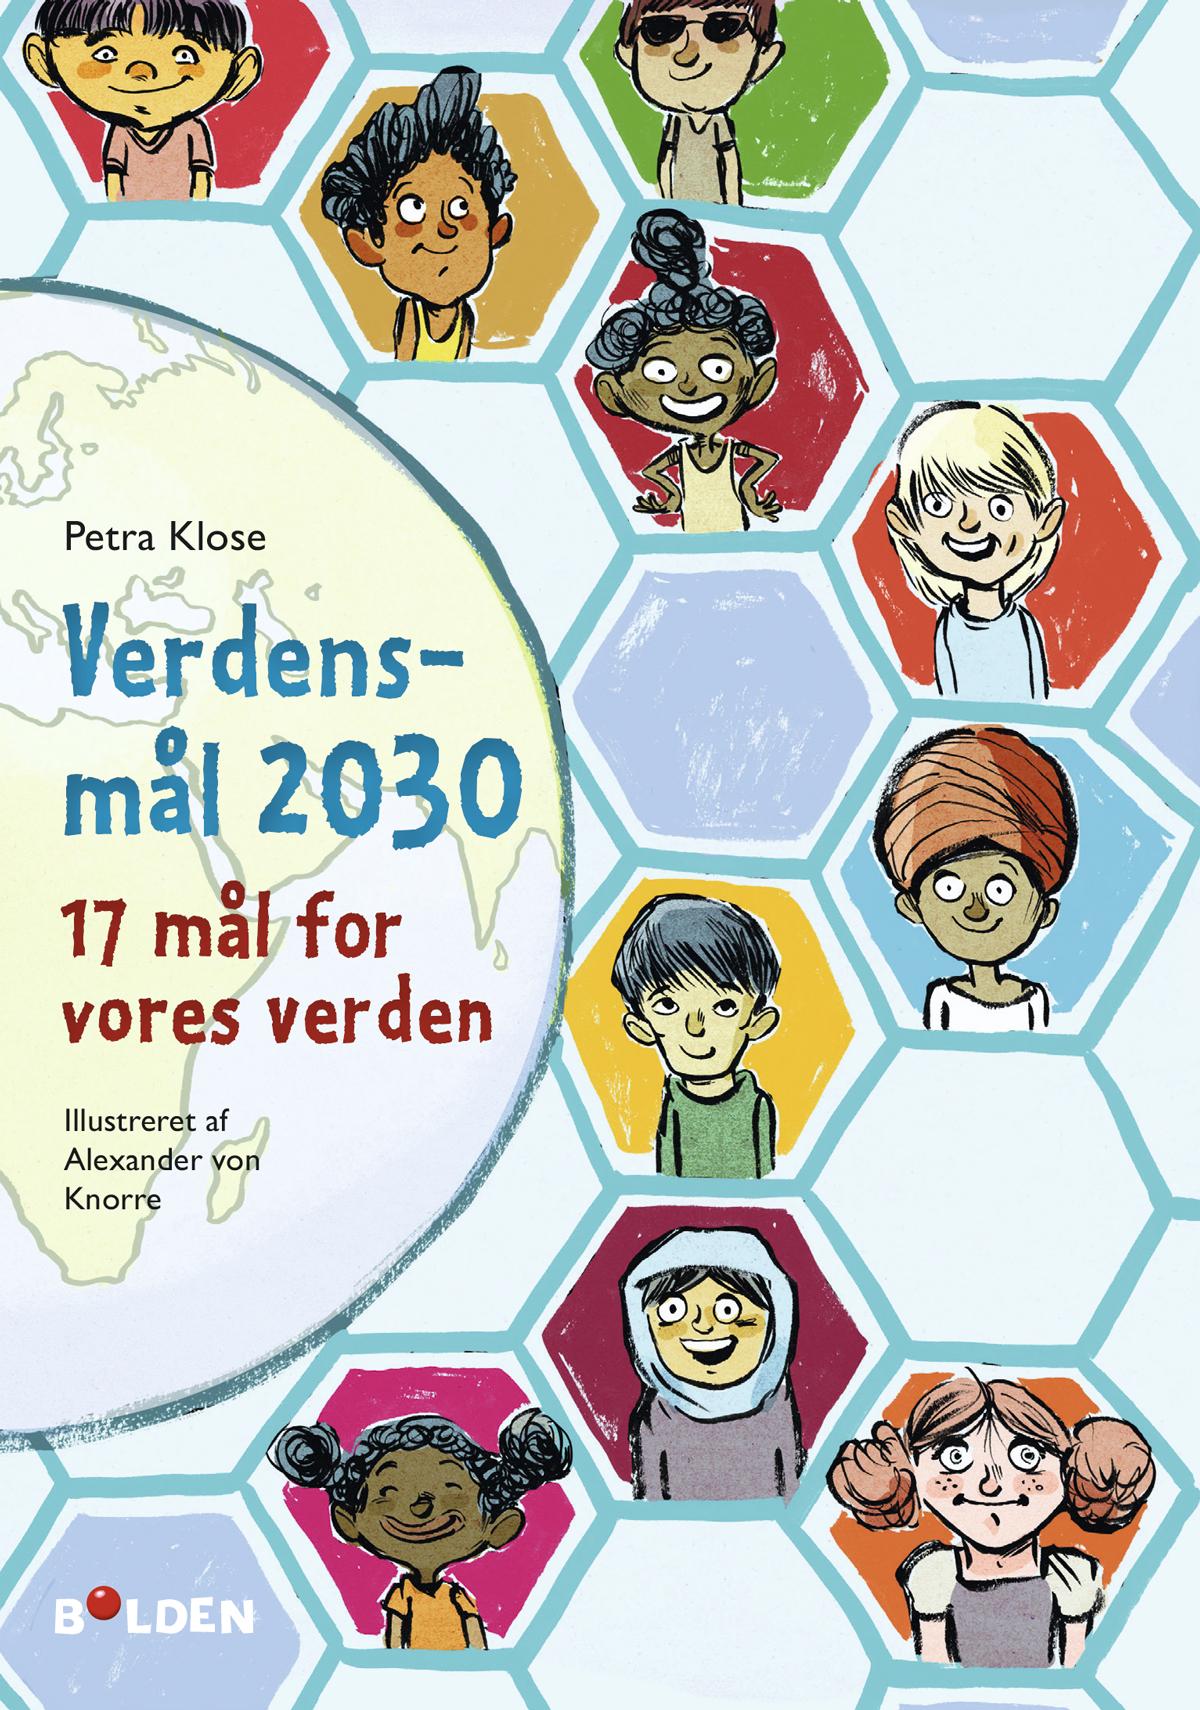 Verdensmål 2030 - Petra Klose - Bøger - Forlaget Bolden - 9788772053301 - November 25, 2019